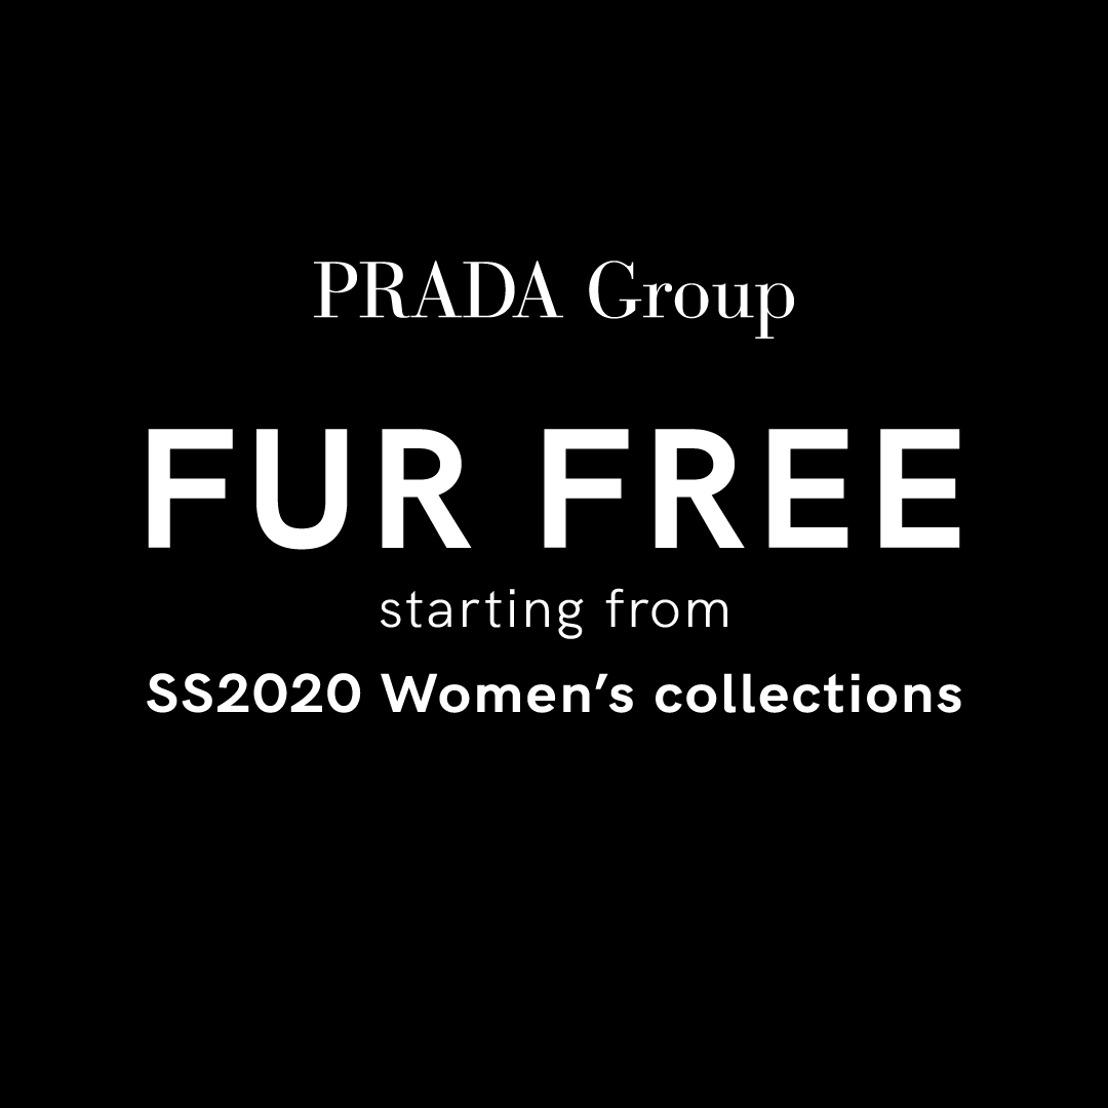 El Grupo Prada anuncia su política libre de pieles y se une al programa internacional de comercio sin pieles